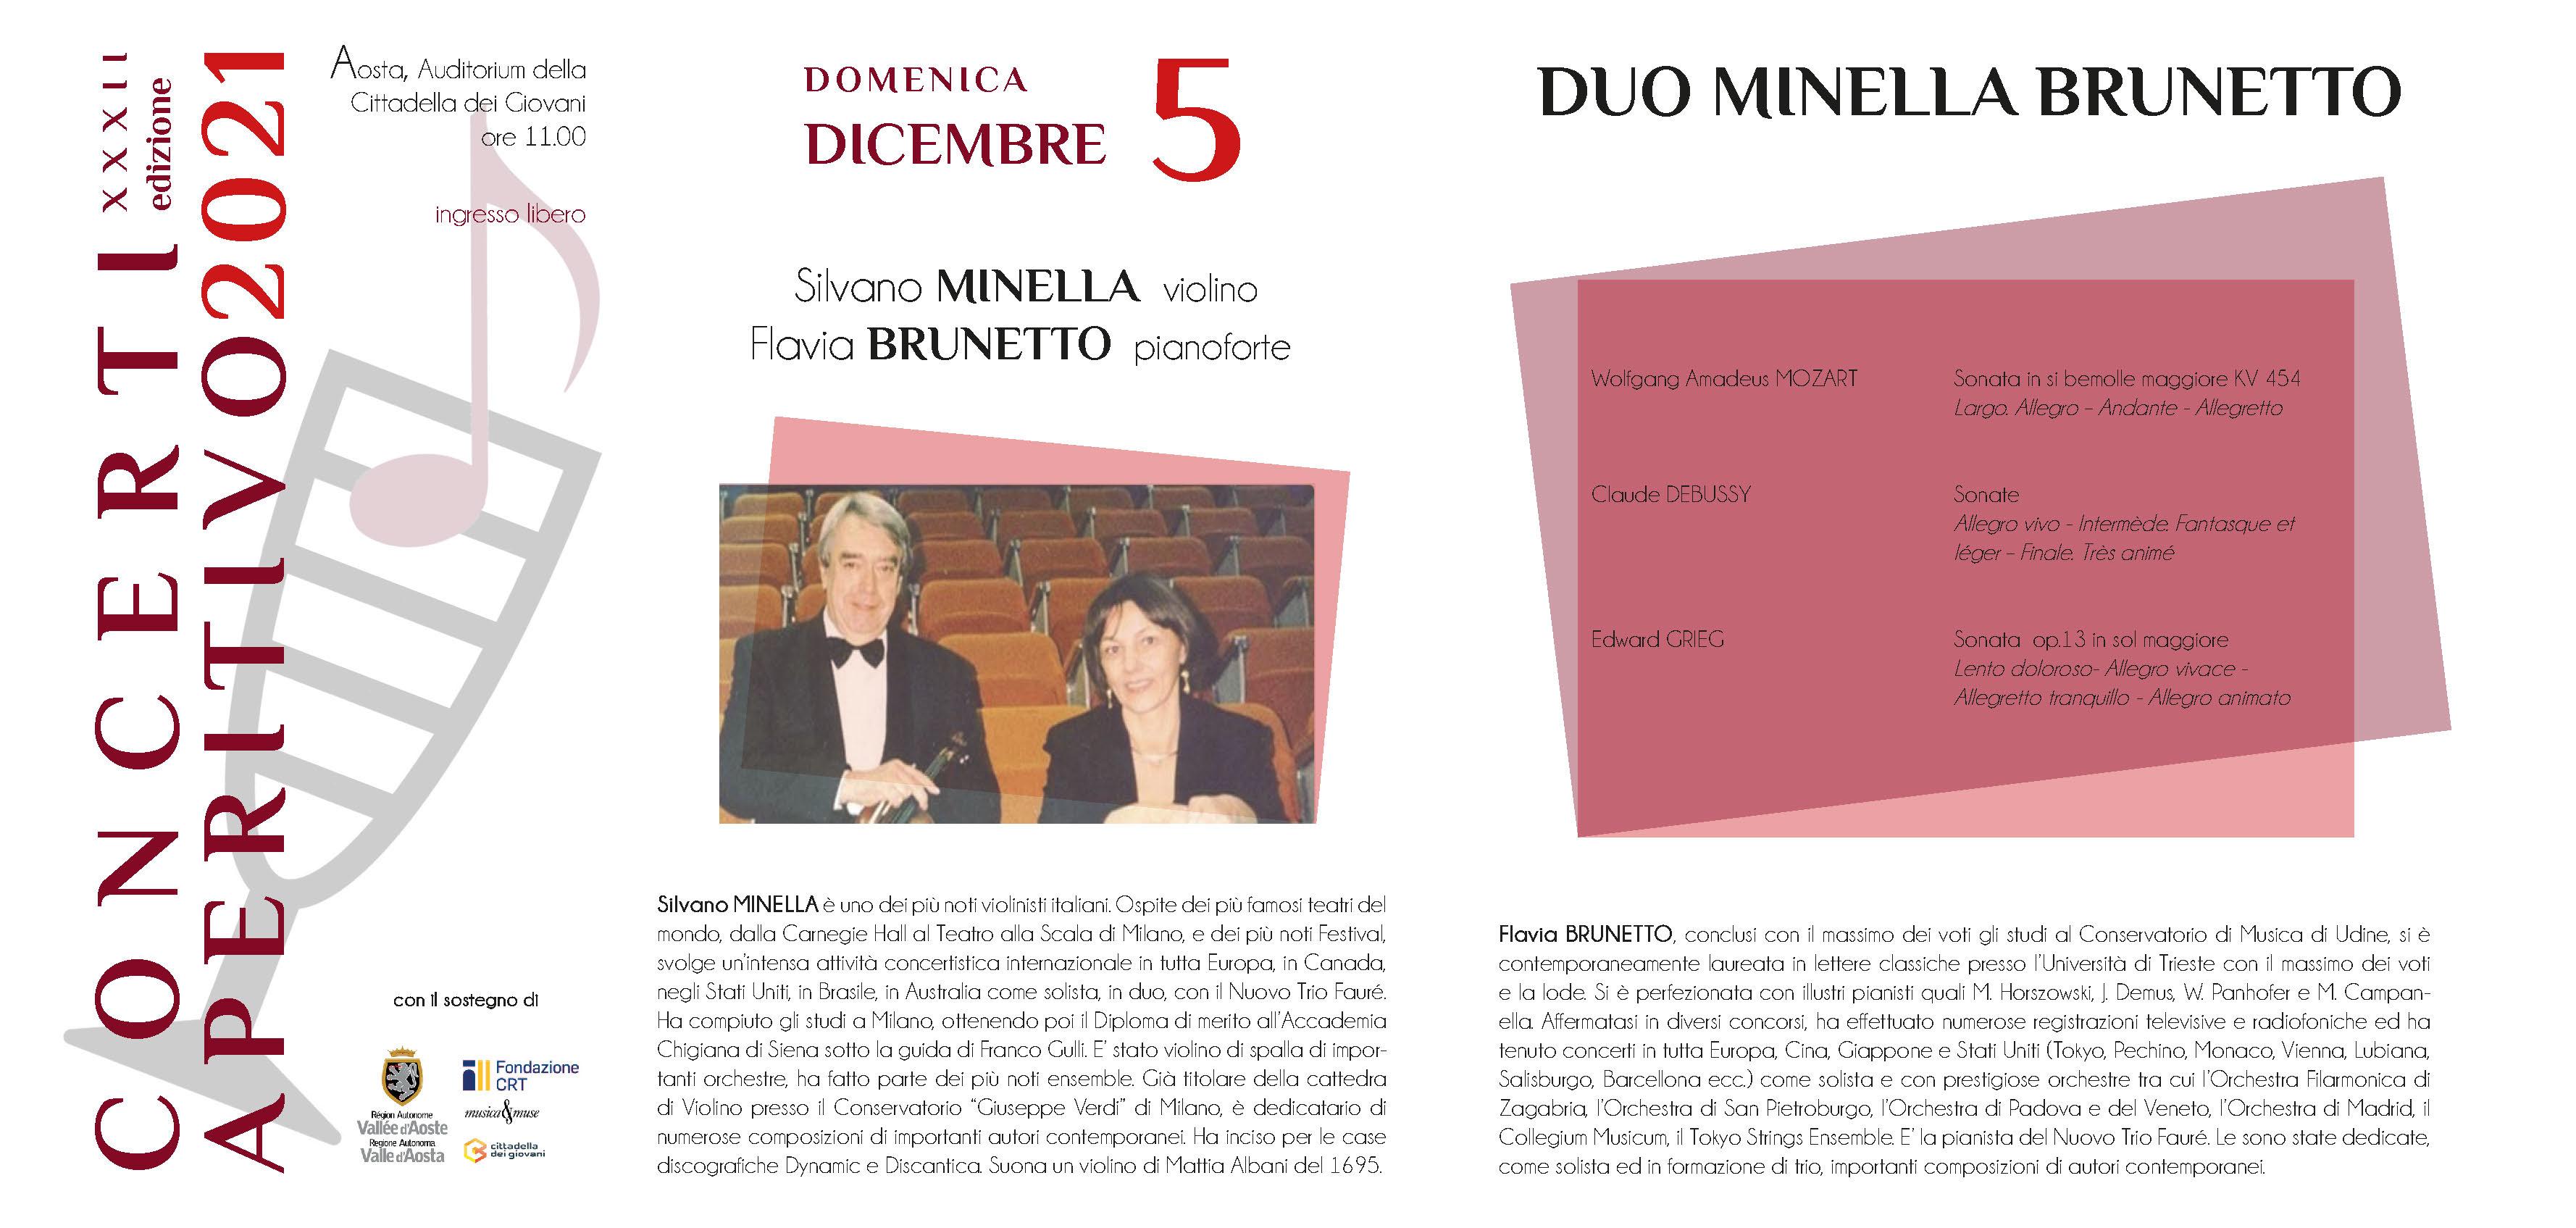 Locandina Concerti Aperitivo - Aosta inverno 2021 sesta data